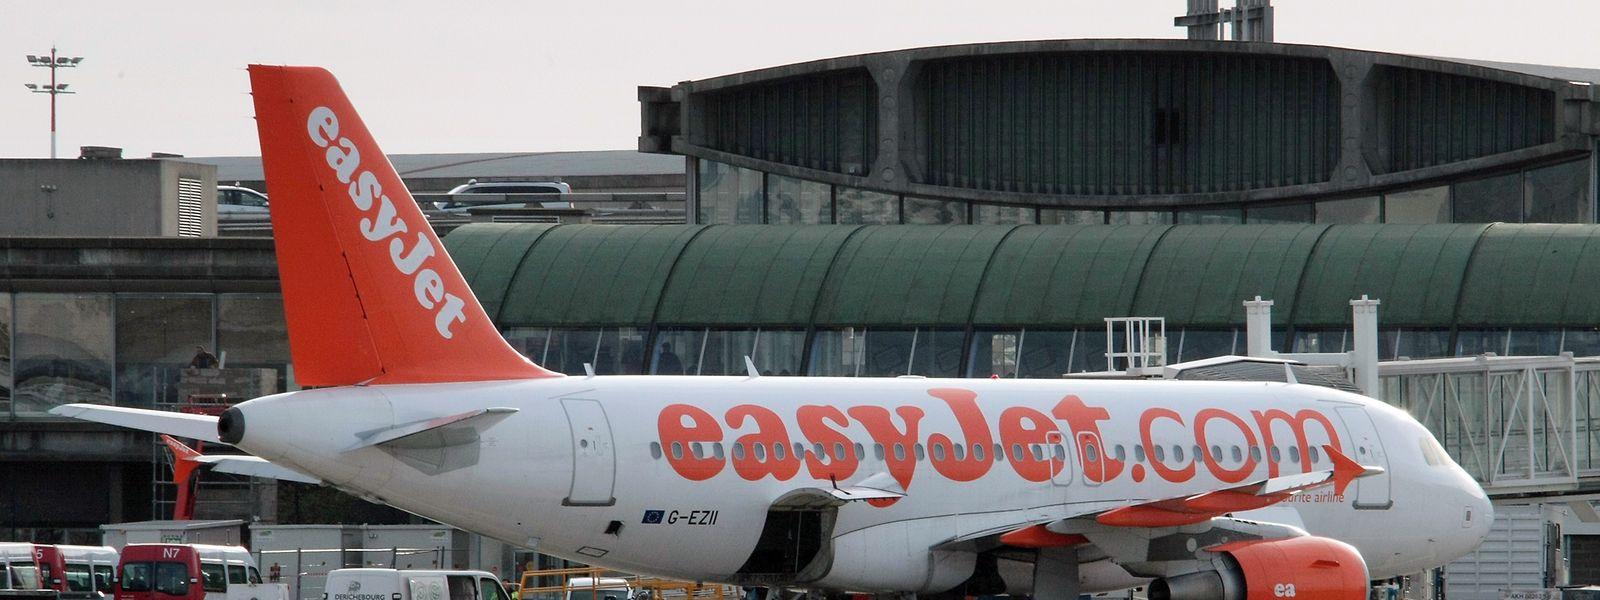 Mit der anvisierten neuen Unternehmensstruktur will Easyjet zu einer paneuropäischen Airline-Gruppe werden.